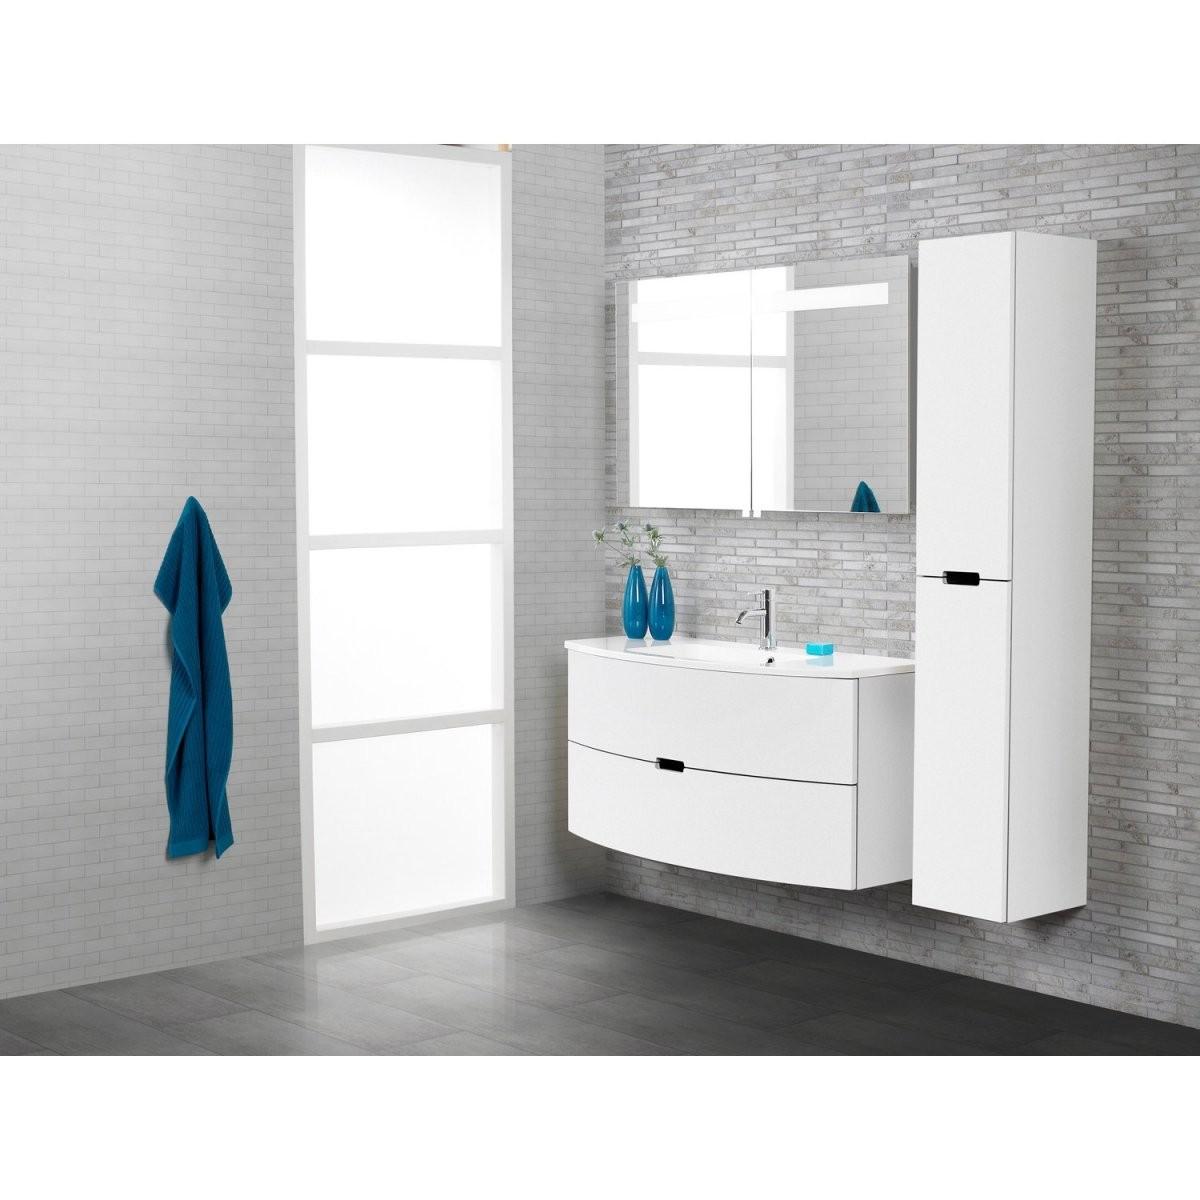 Scanbad Badmöbelset 90 Cm Mit Spiegelschrank Modern Weiß Hochglanz von Badmöbel 90 Cm Breit Photo